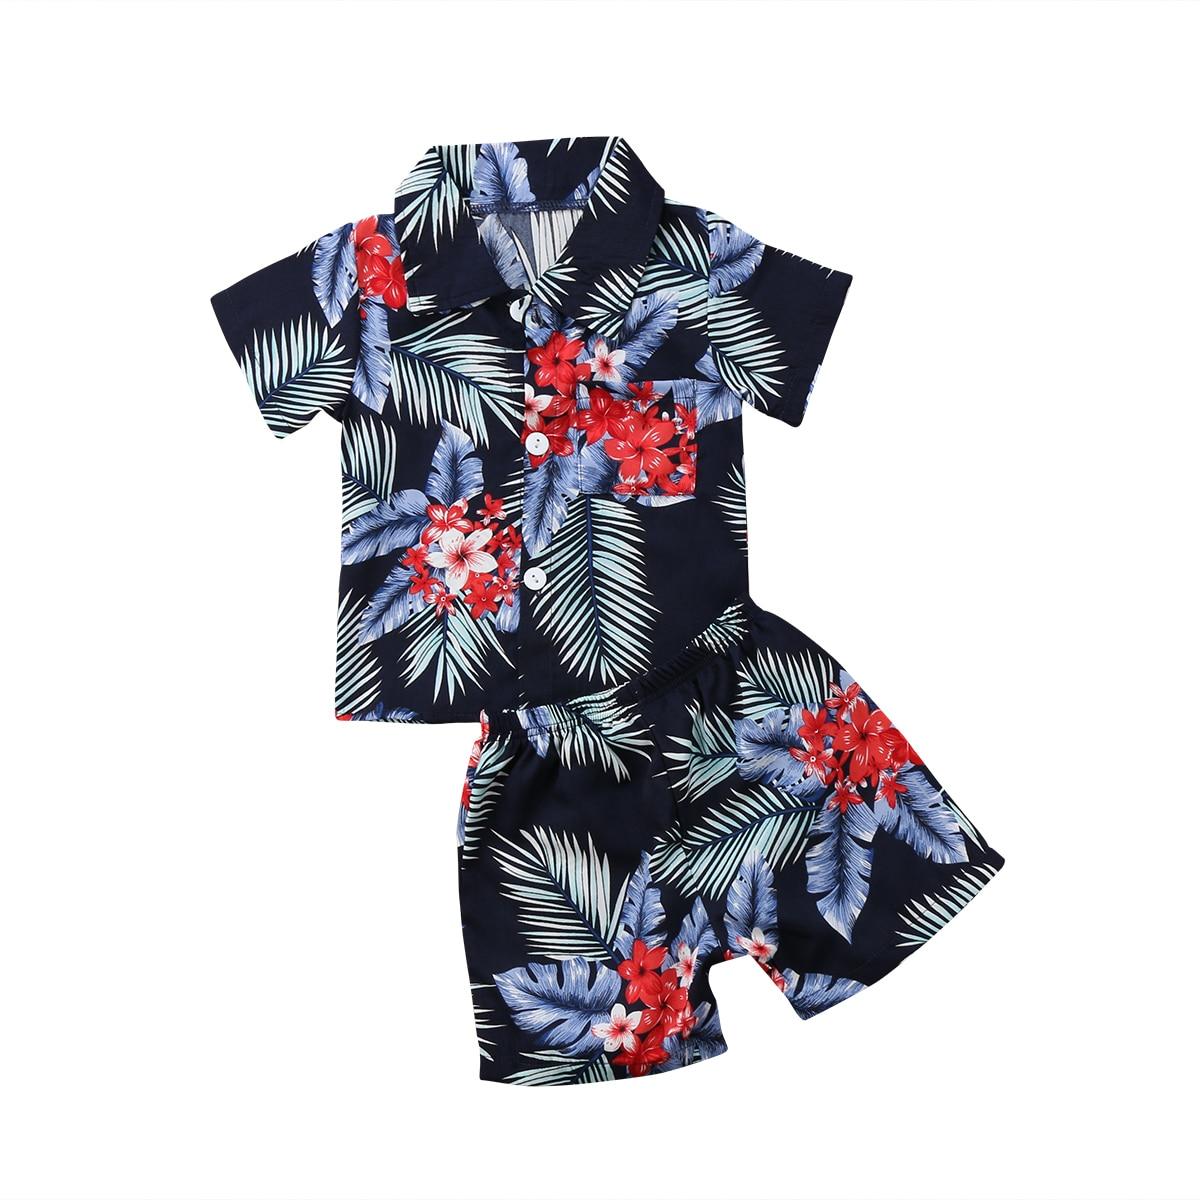 2018 casual niño recién nacido niños Bebé Ropa de playa de manga corta Camiseta Tops + Pantalones floral 2 unids trajes Set